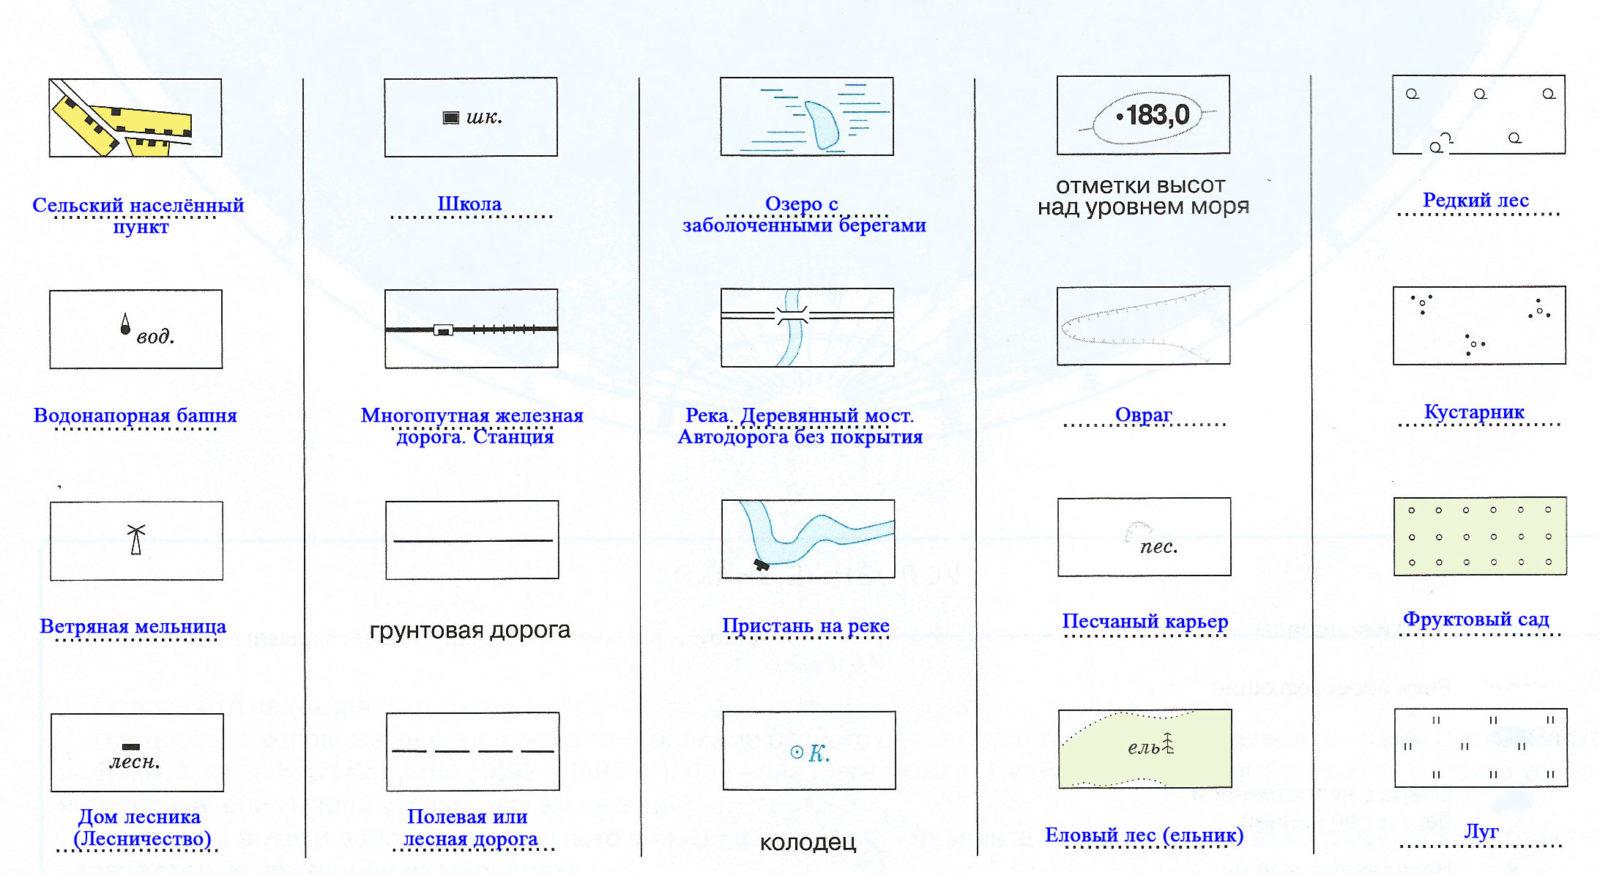 Страница 4 - 5. План местности